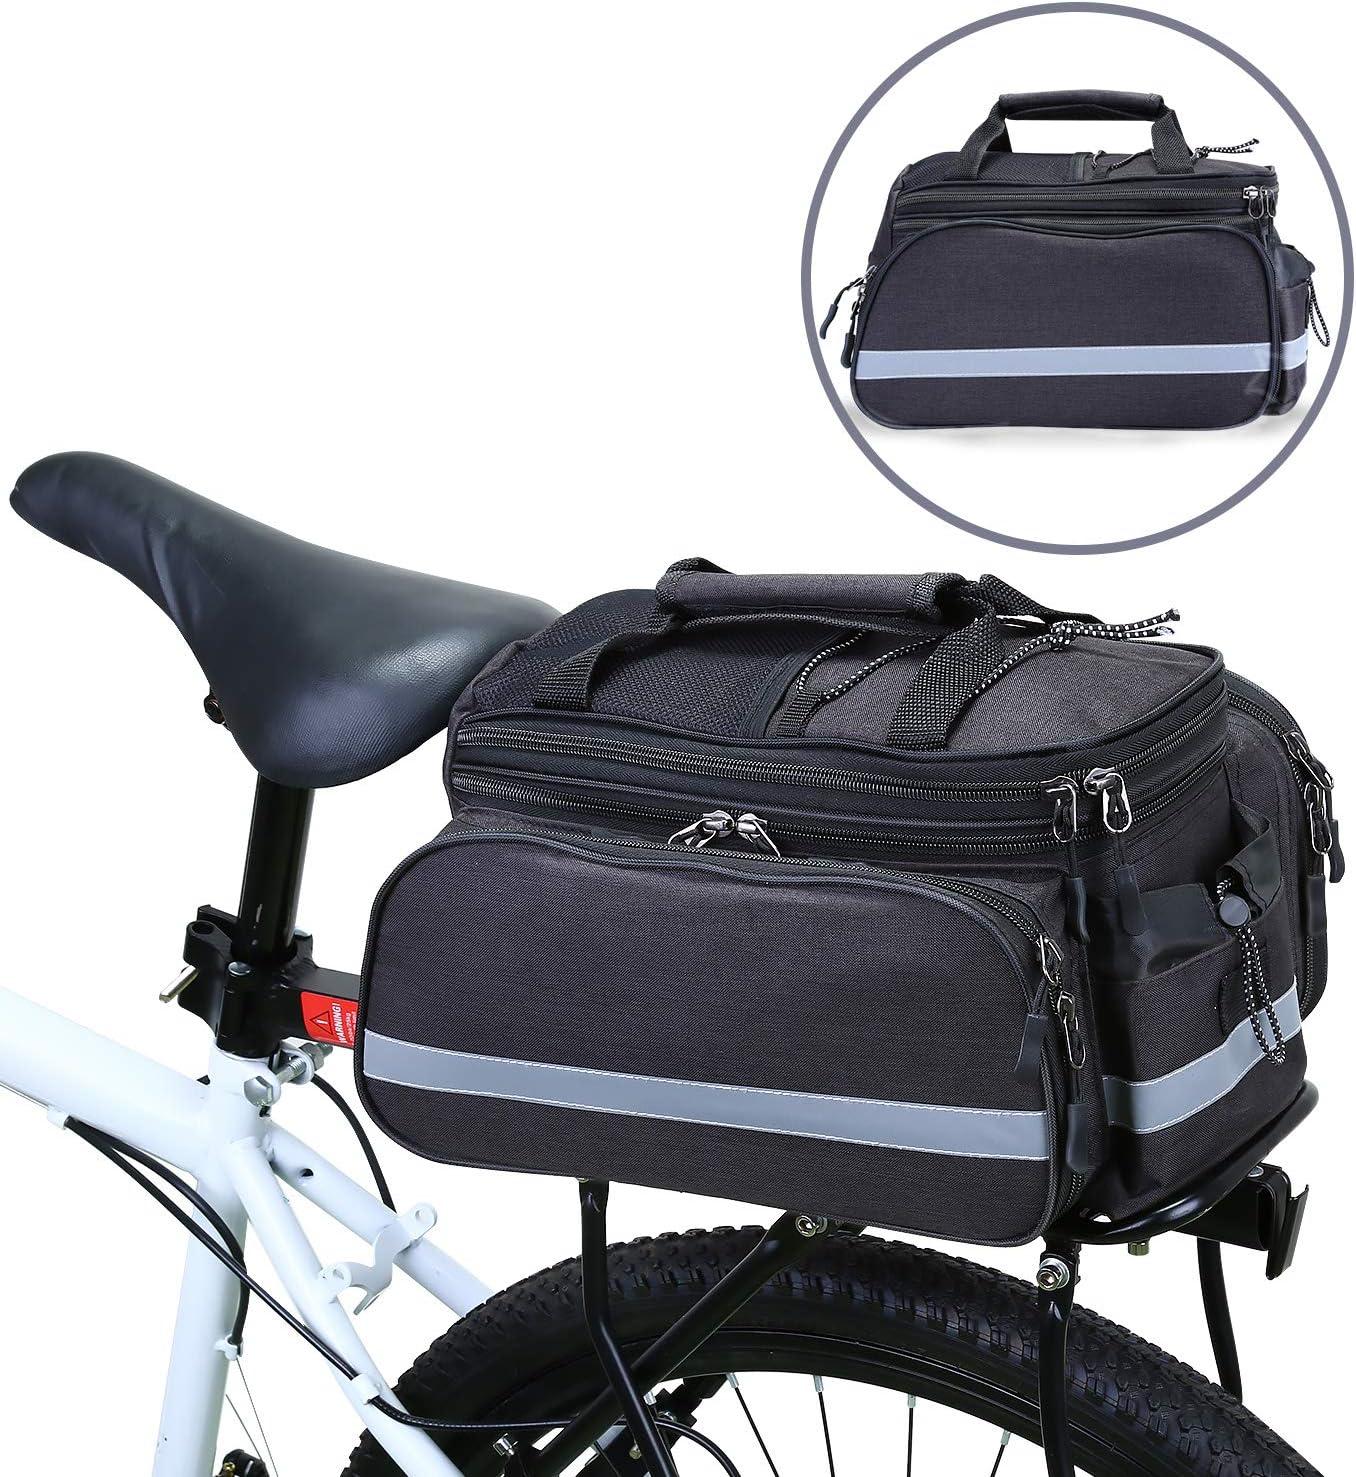 WILDKEN Bolsa Alforja Trasera Bicicleta Impermeable Bolso de Asiento Trasero para Viaje Portátil Extensible Bolsa de Hombro para Ciclismo al Aire Libre (Negro): Amazon.es: Deportes y aire libre